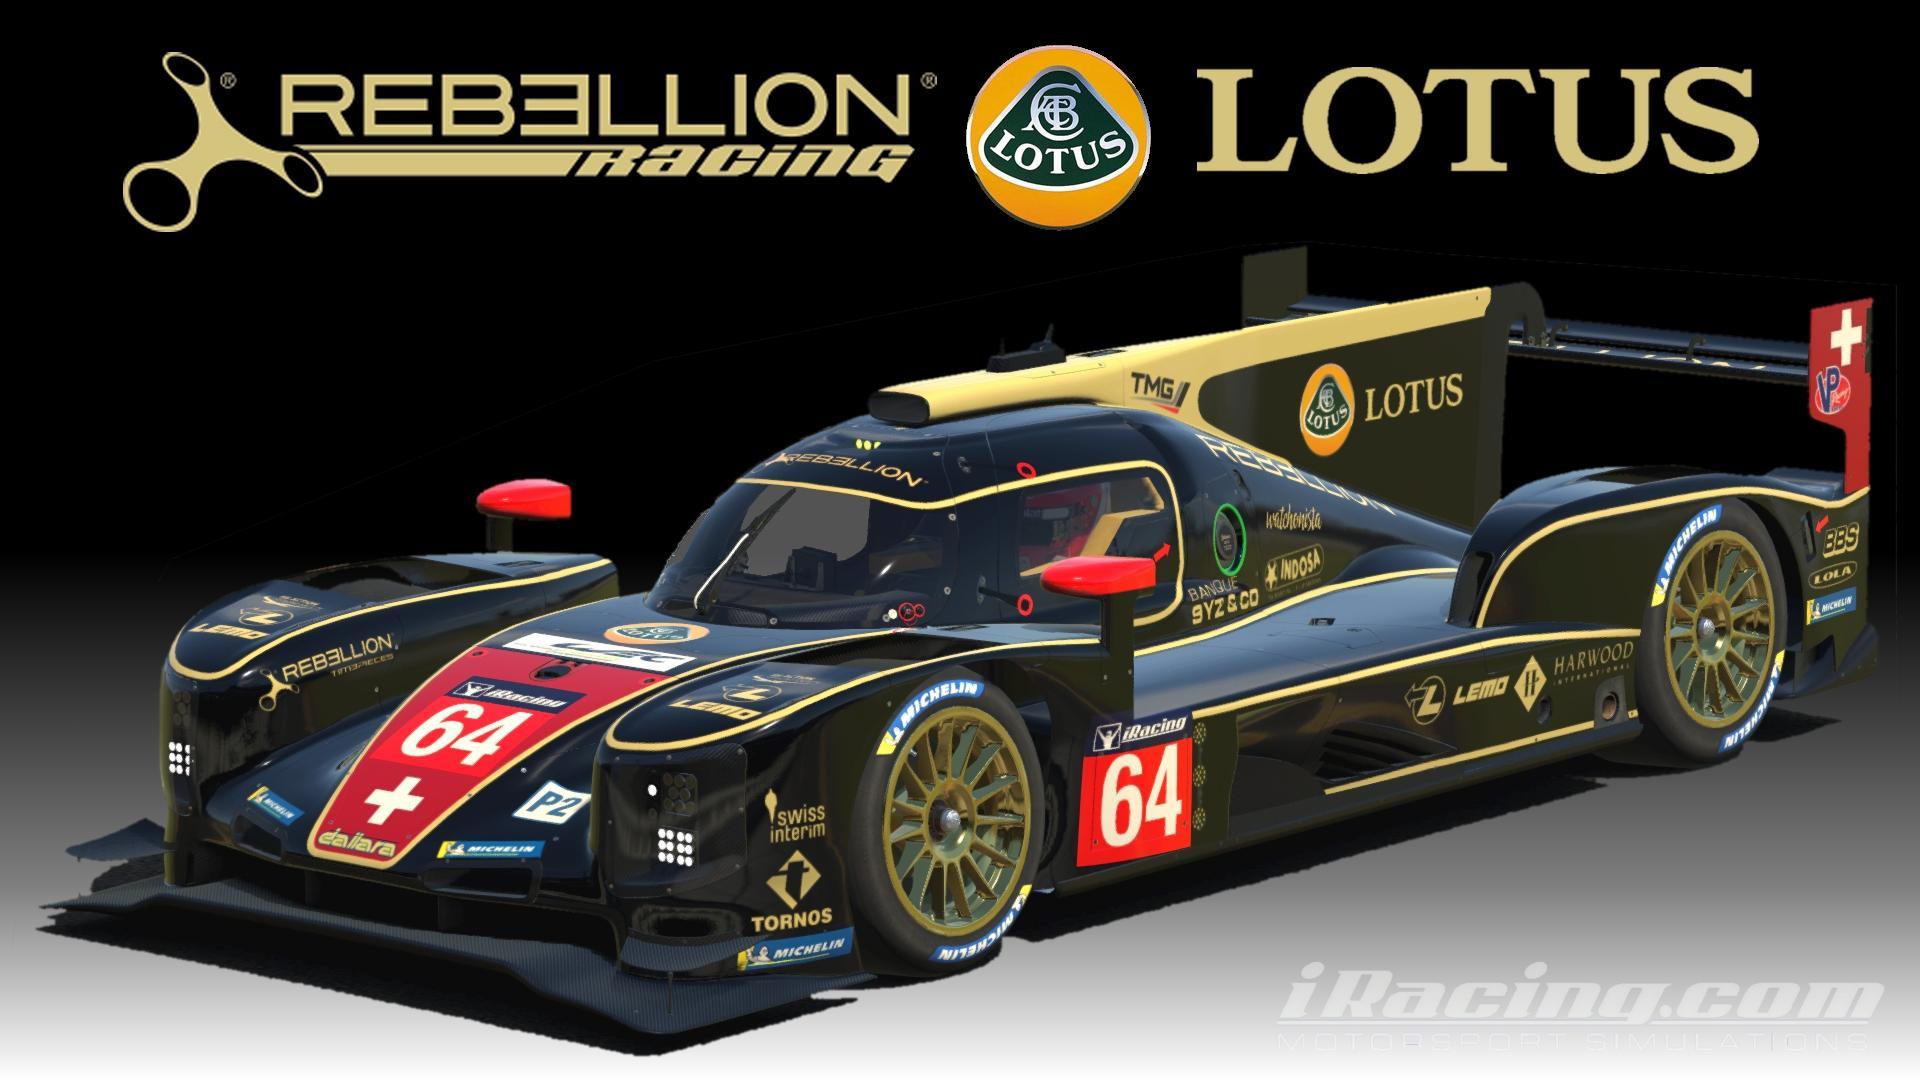 Preview of Dallara P217 Lotus by Don Craig